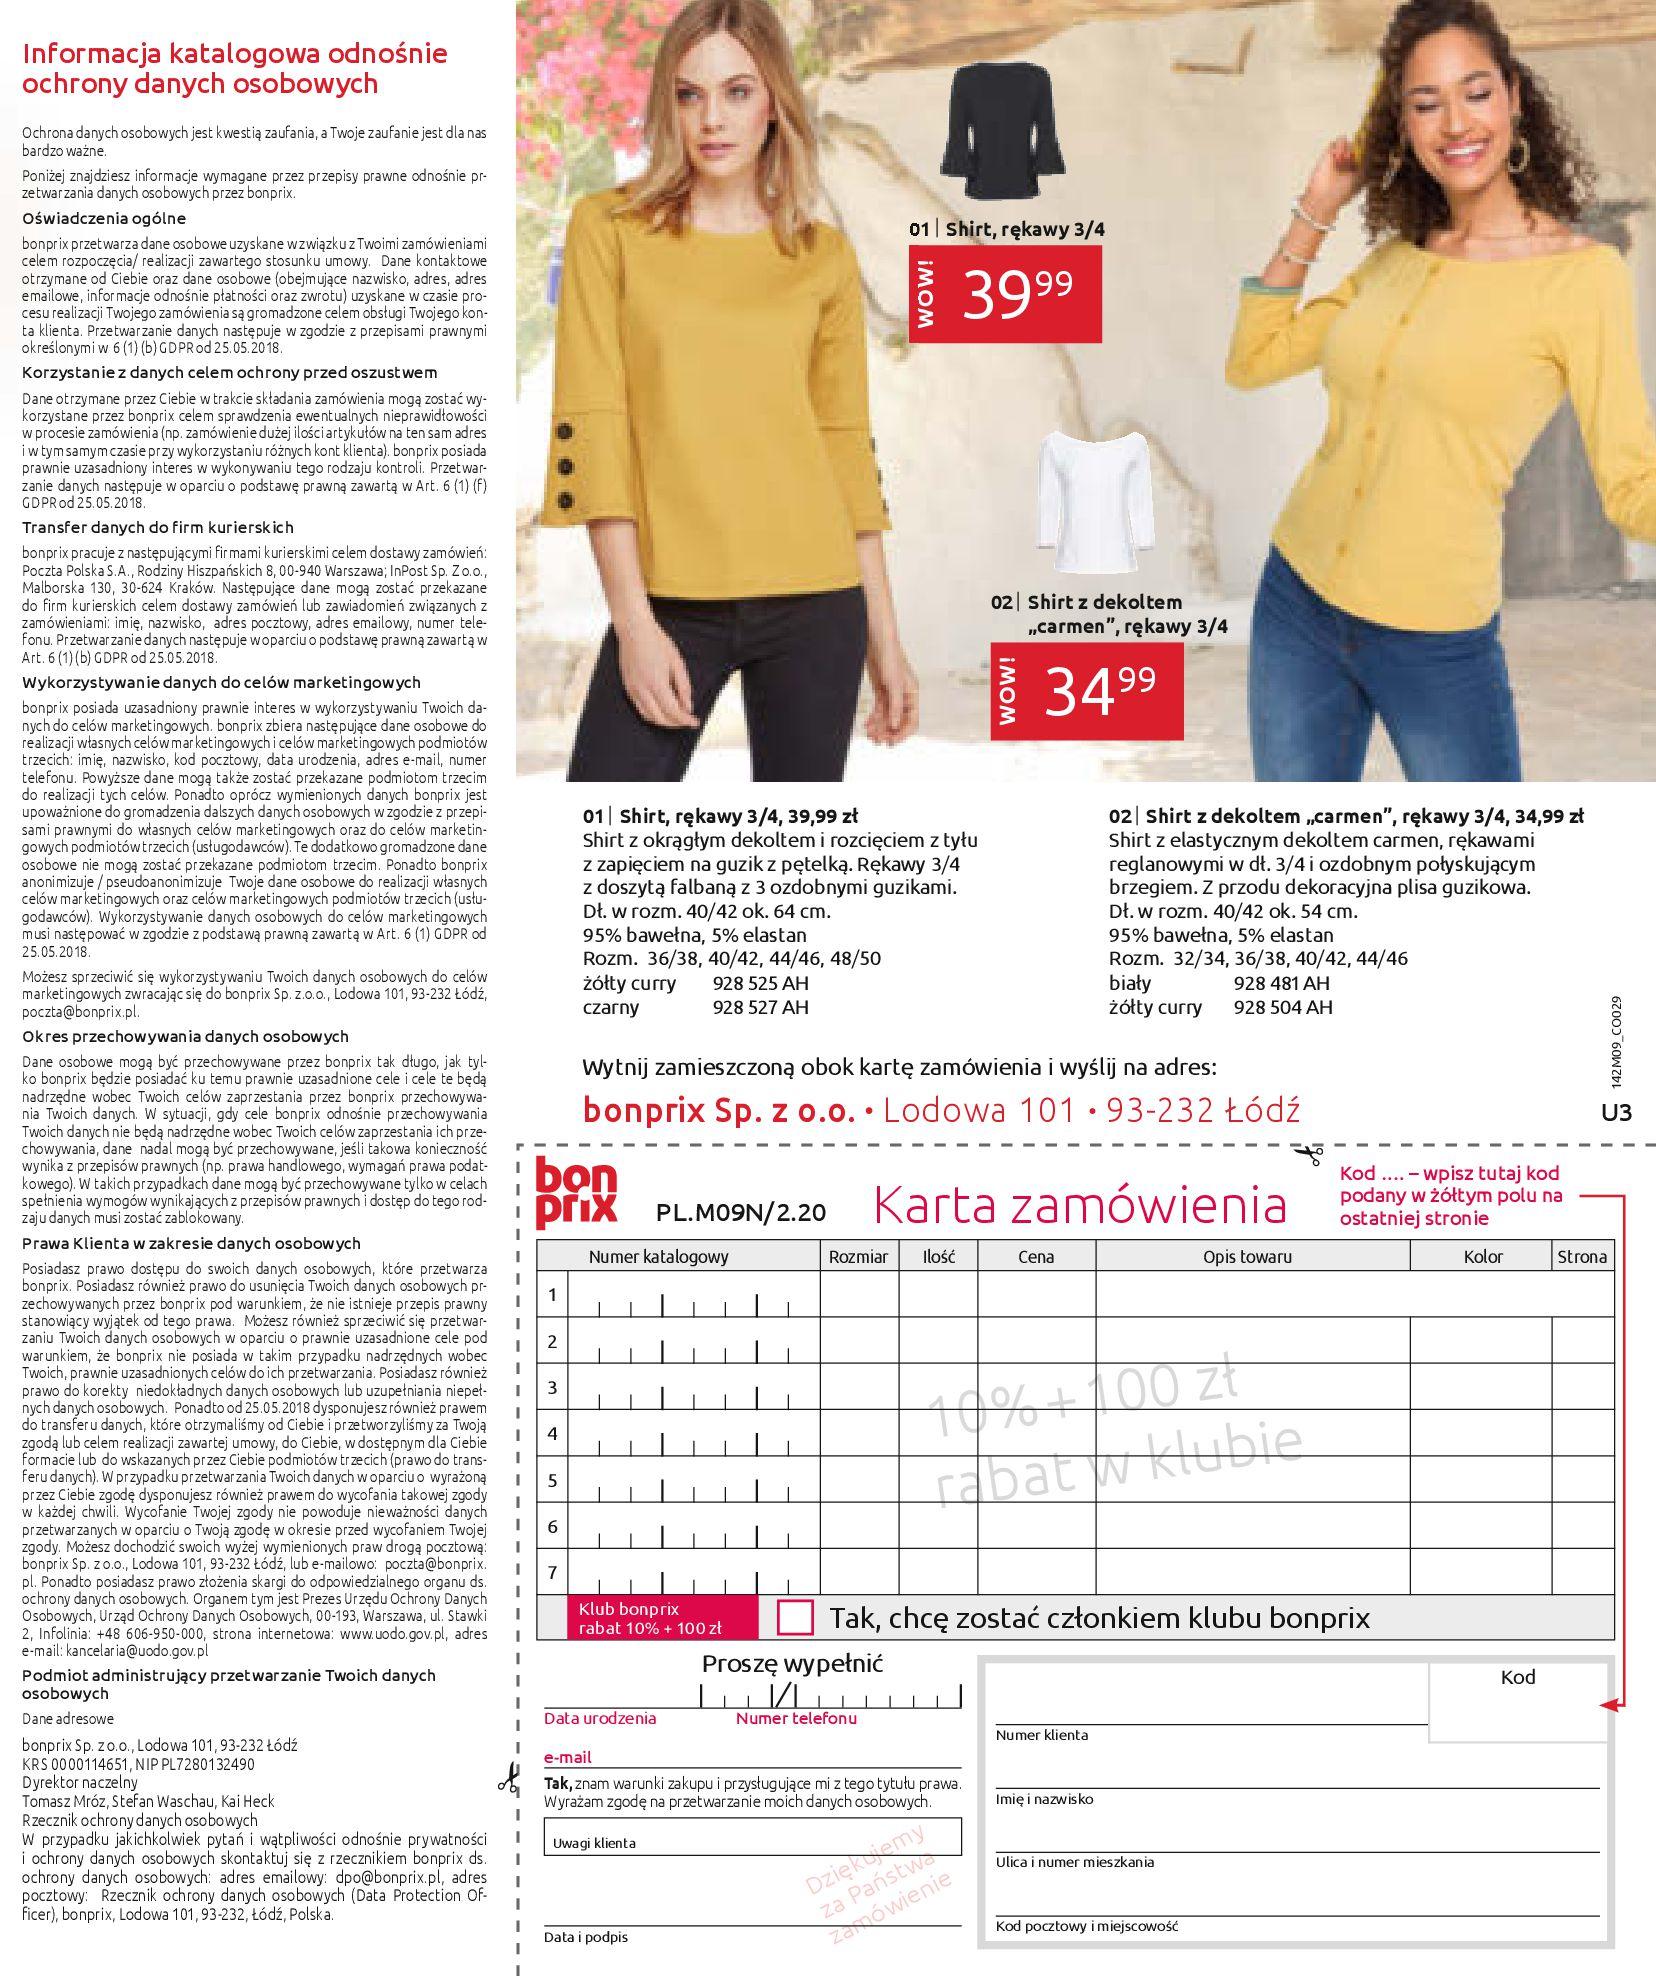 Gazetka Bonprix: Naturalnie i stylowo 2020-09-24 page-99